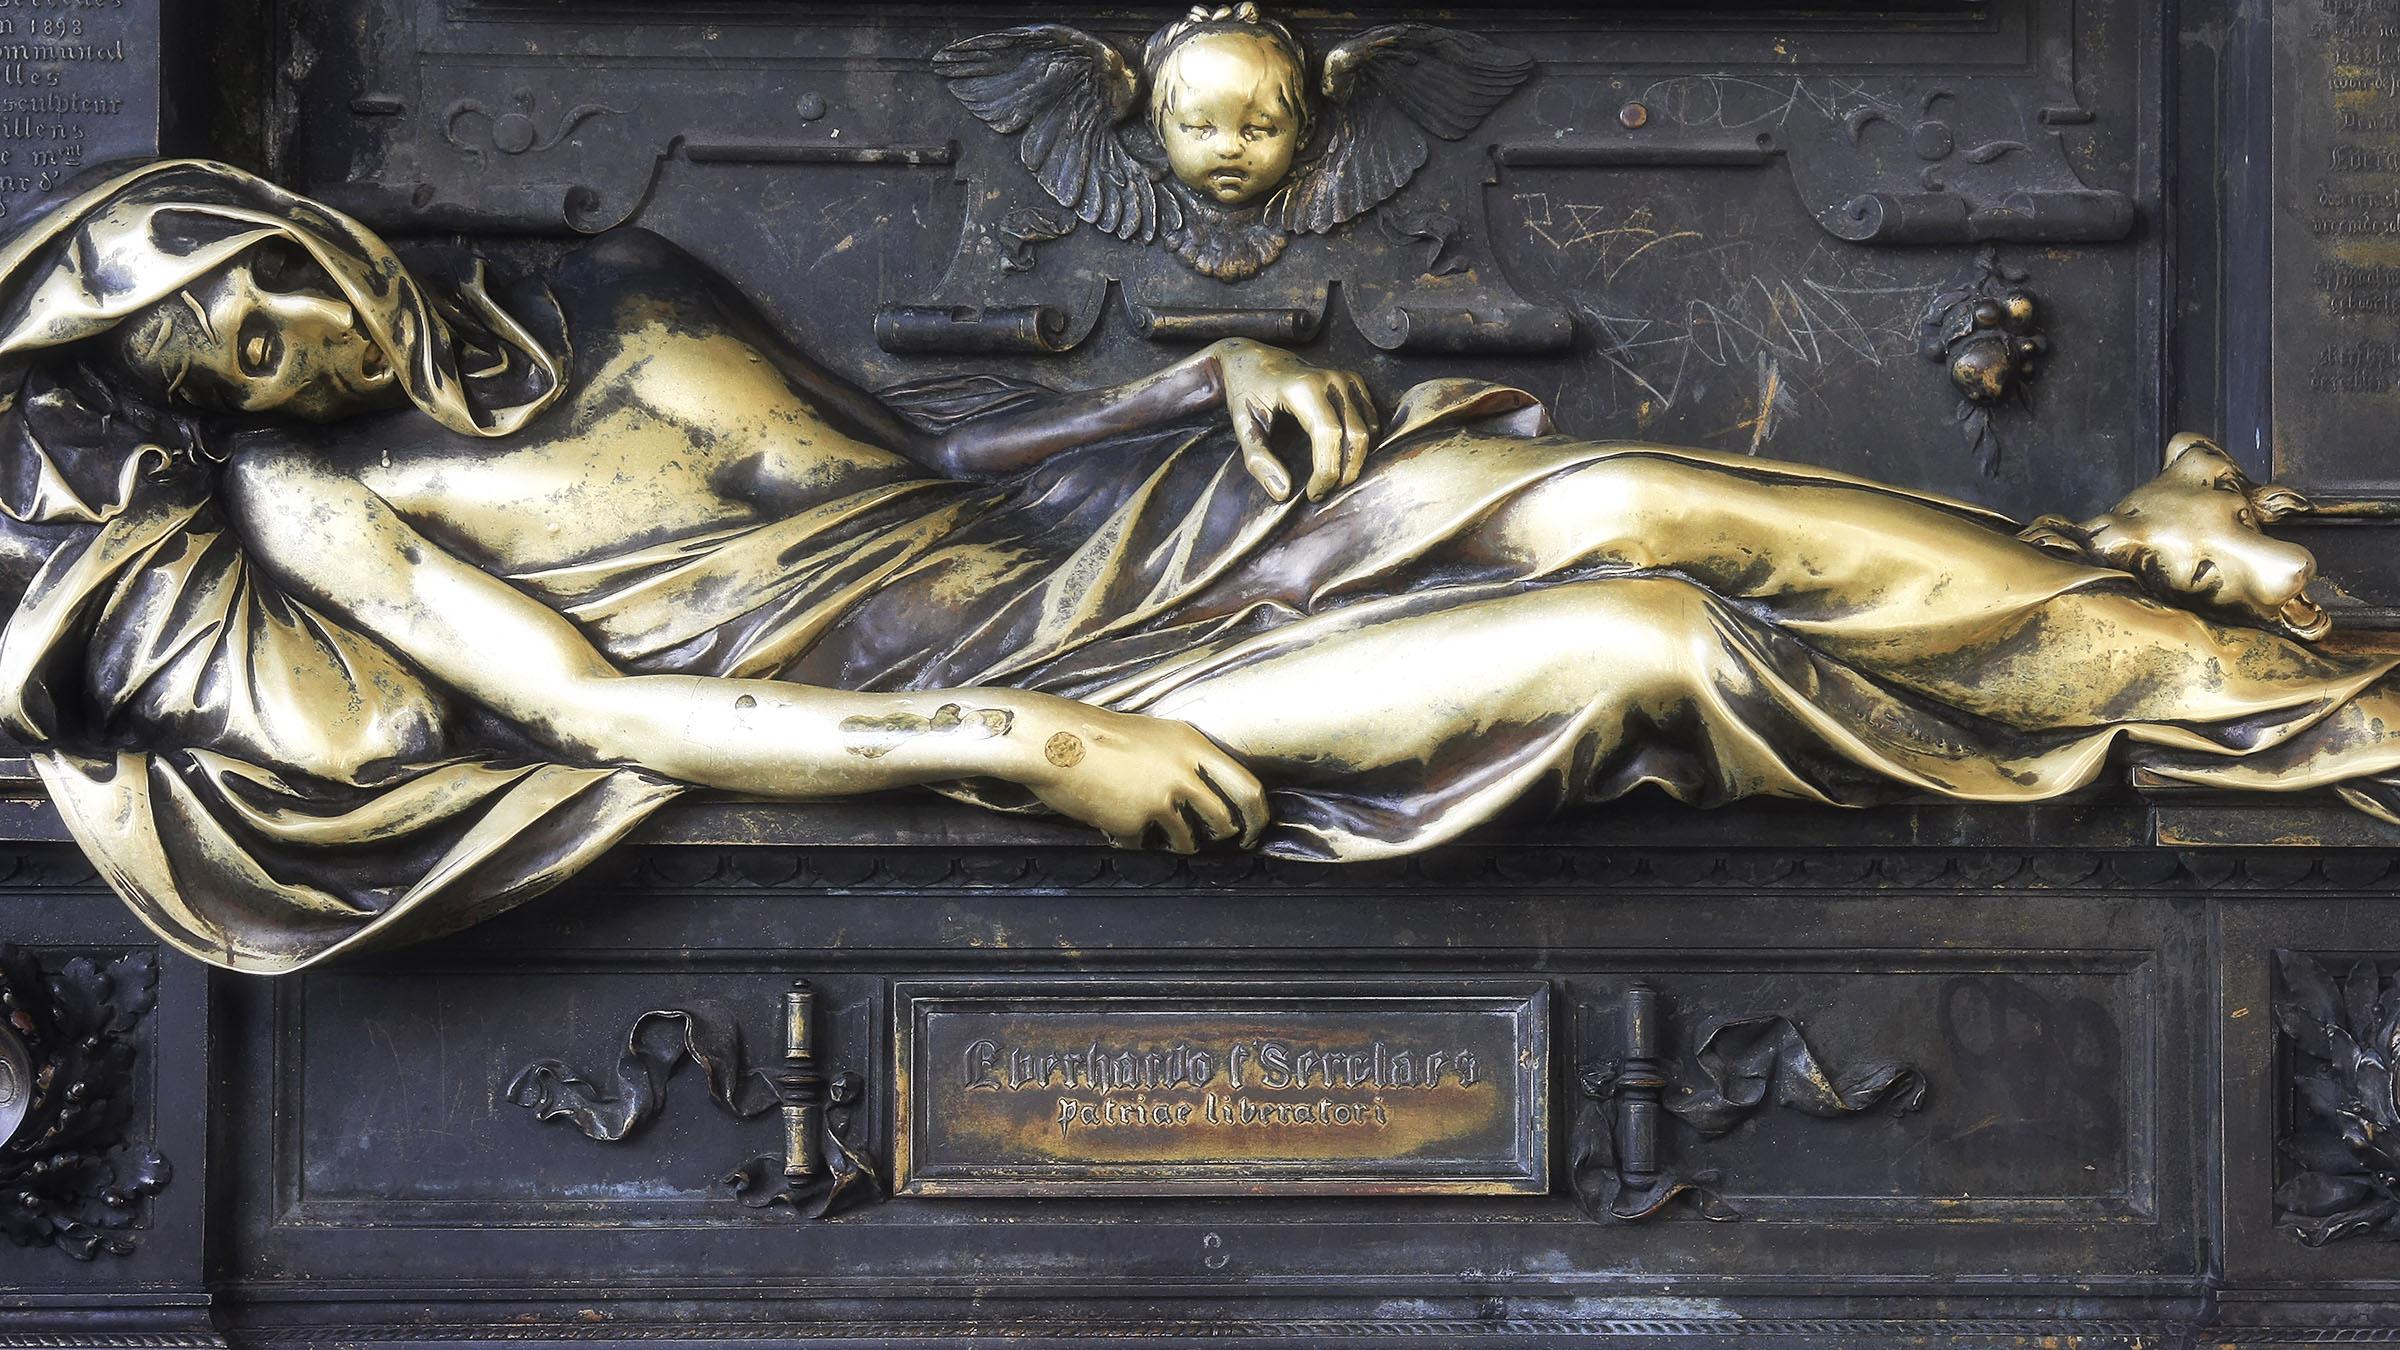 Estatua de Charles- Everad